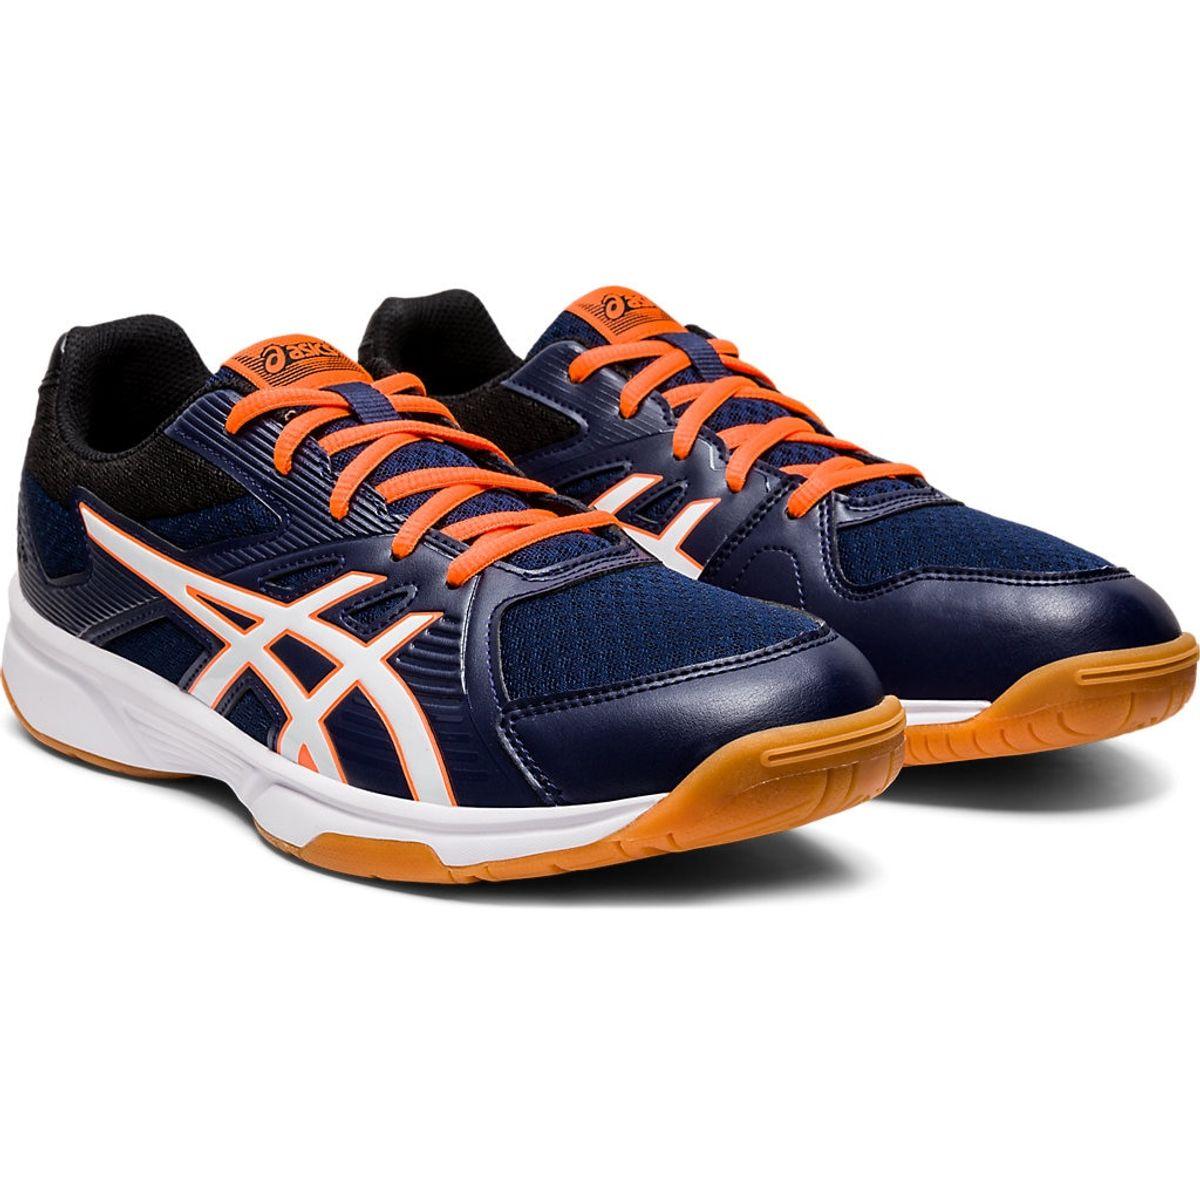 Tenis-Asics-Upcourt-3---Masculino---Azul-Marinho